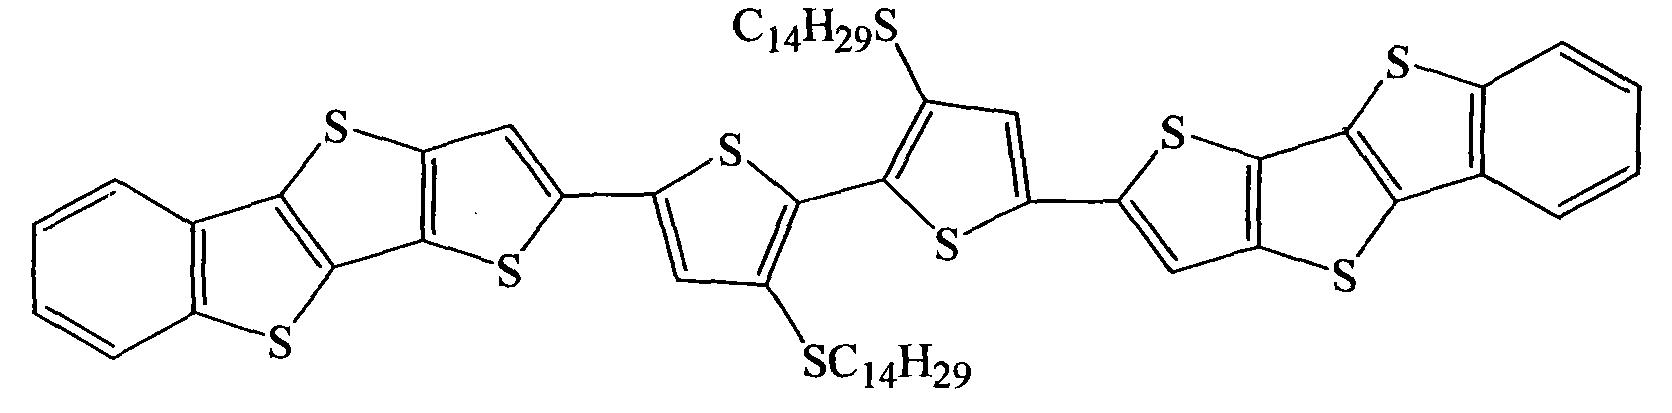 Figure CN103183661BD00122